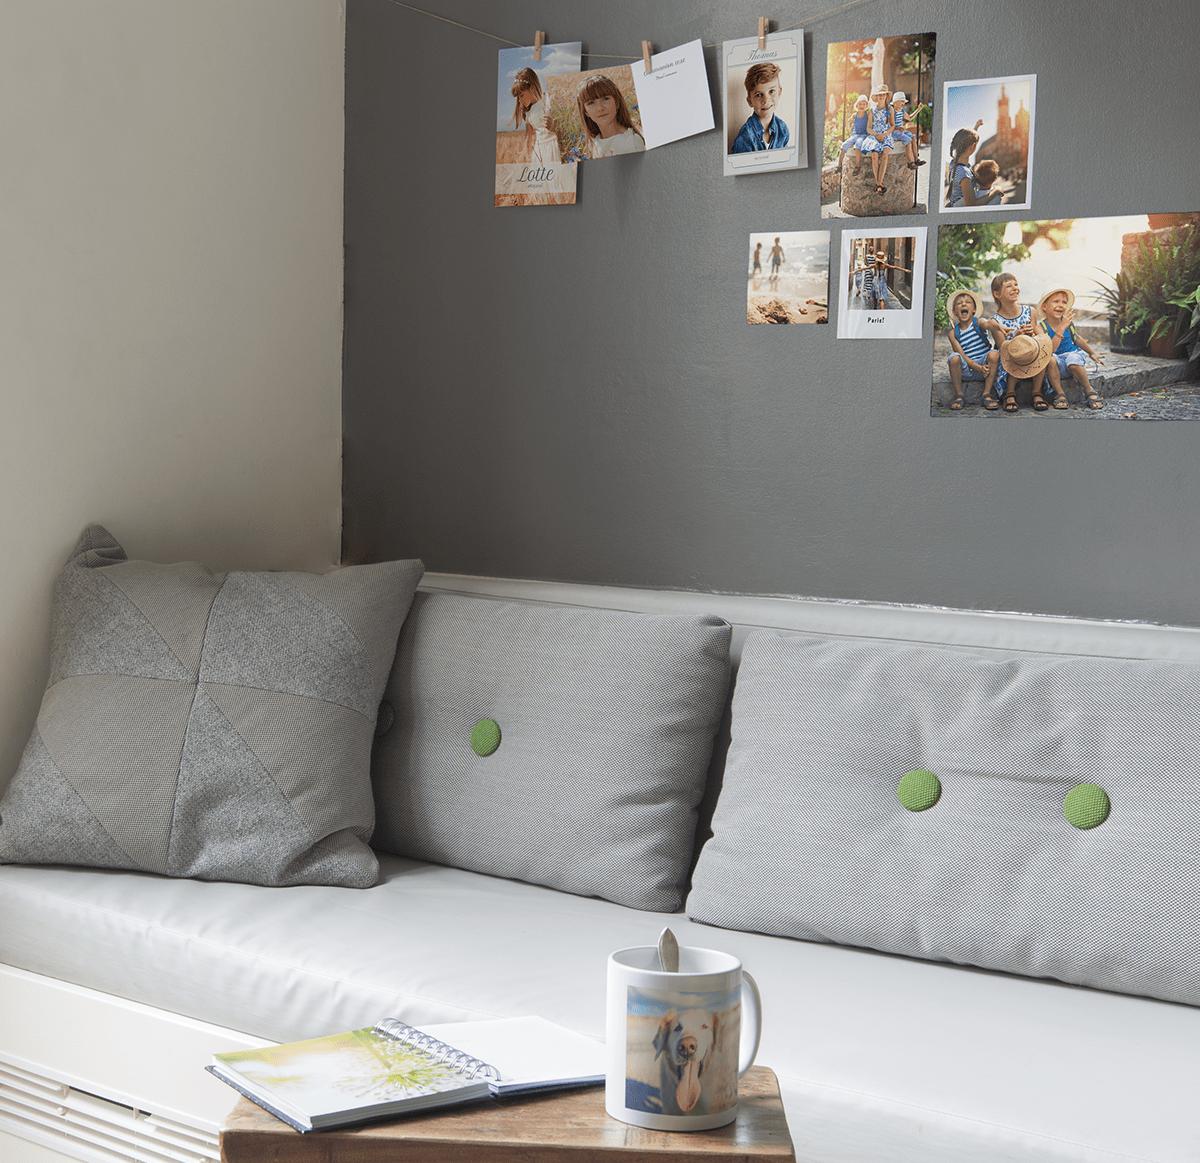 Avansert Hvordan fornye hjemmet ditt med egne bilder   fotoknudsen blogg WA-97